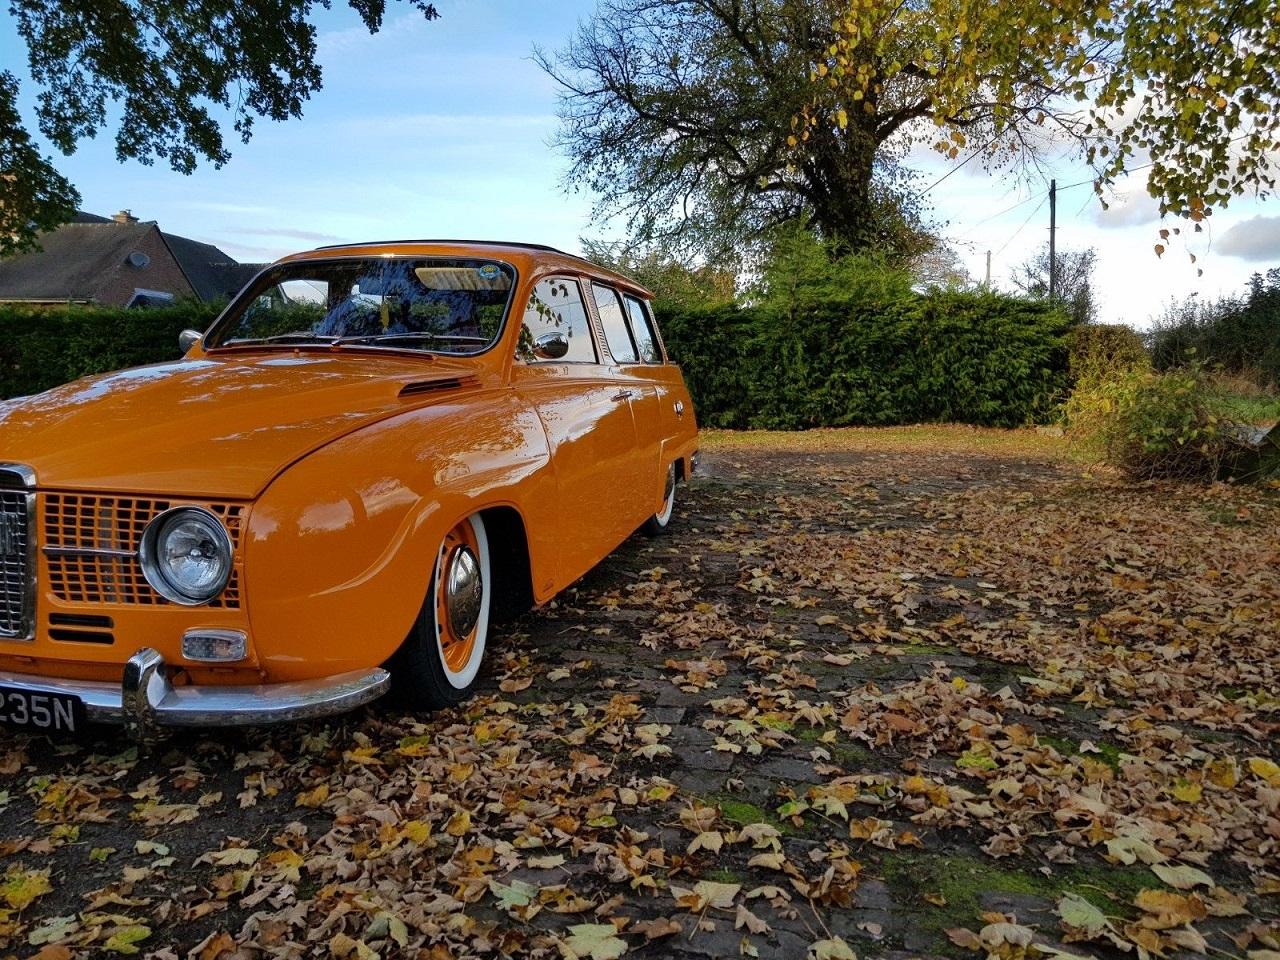 Bagged Saab 95 V4 - Tout est Restomodable ! 22